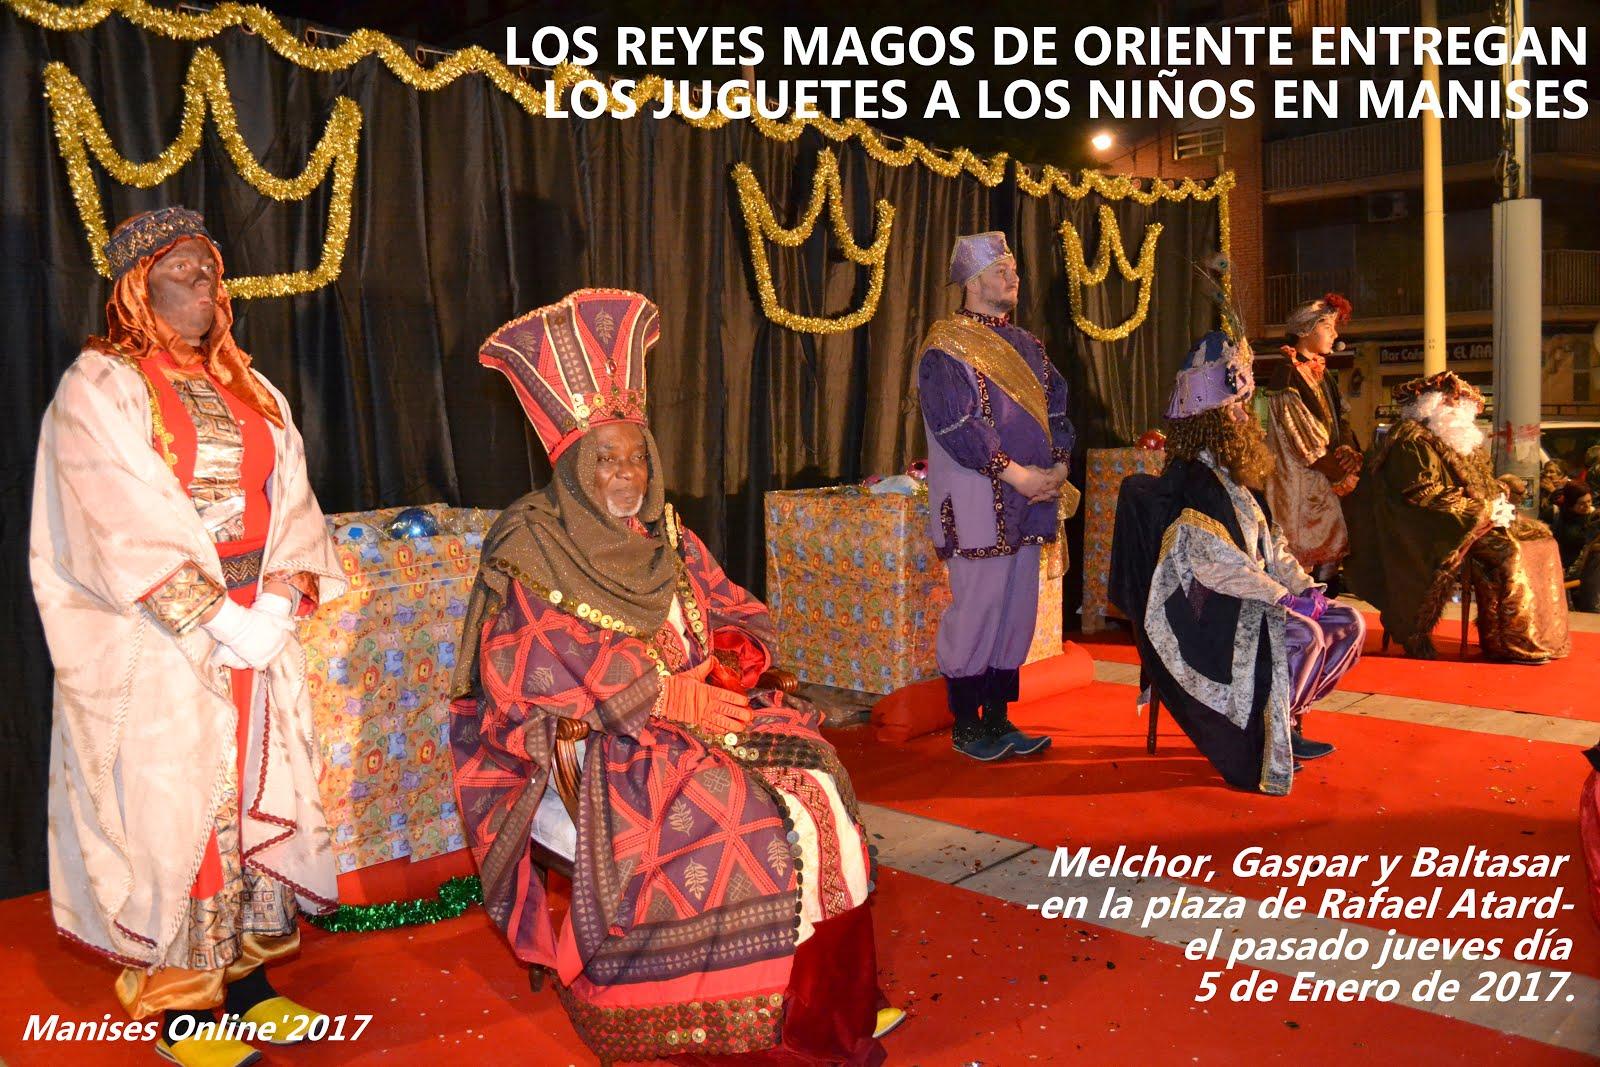 05.01.17 LOS REYES MAGOS MELCHOR, GASPAR Y BALTA- SAR ENTREGAN LOS JUGUE-TES A LOS NIÑOS EN MANISES